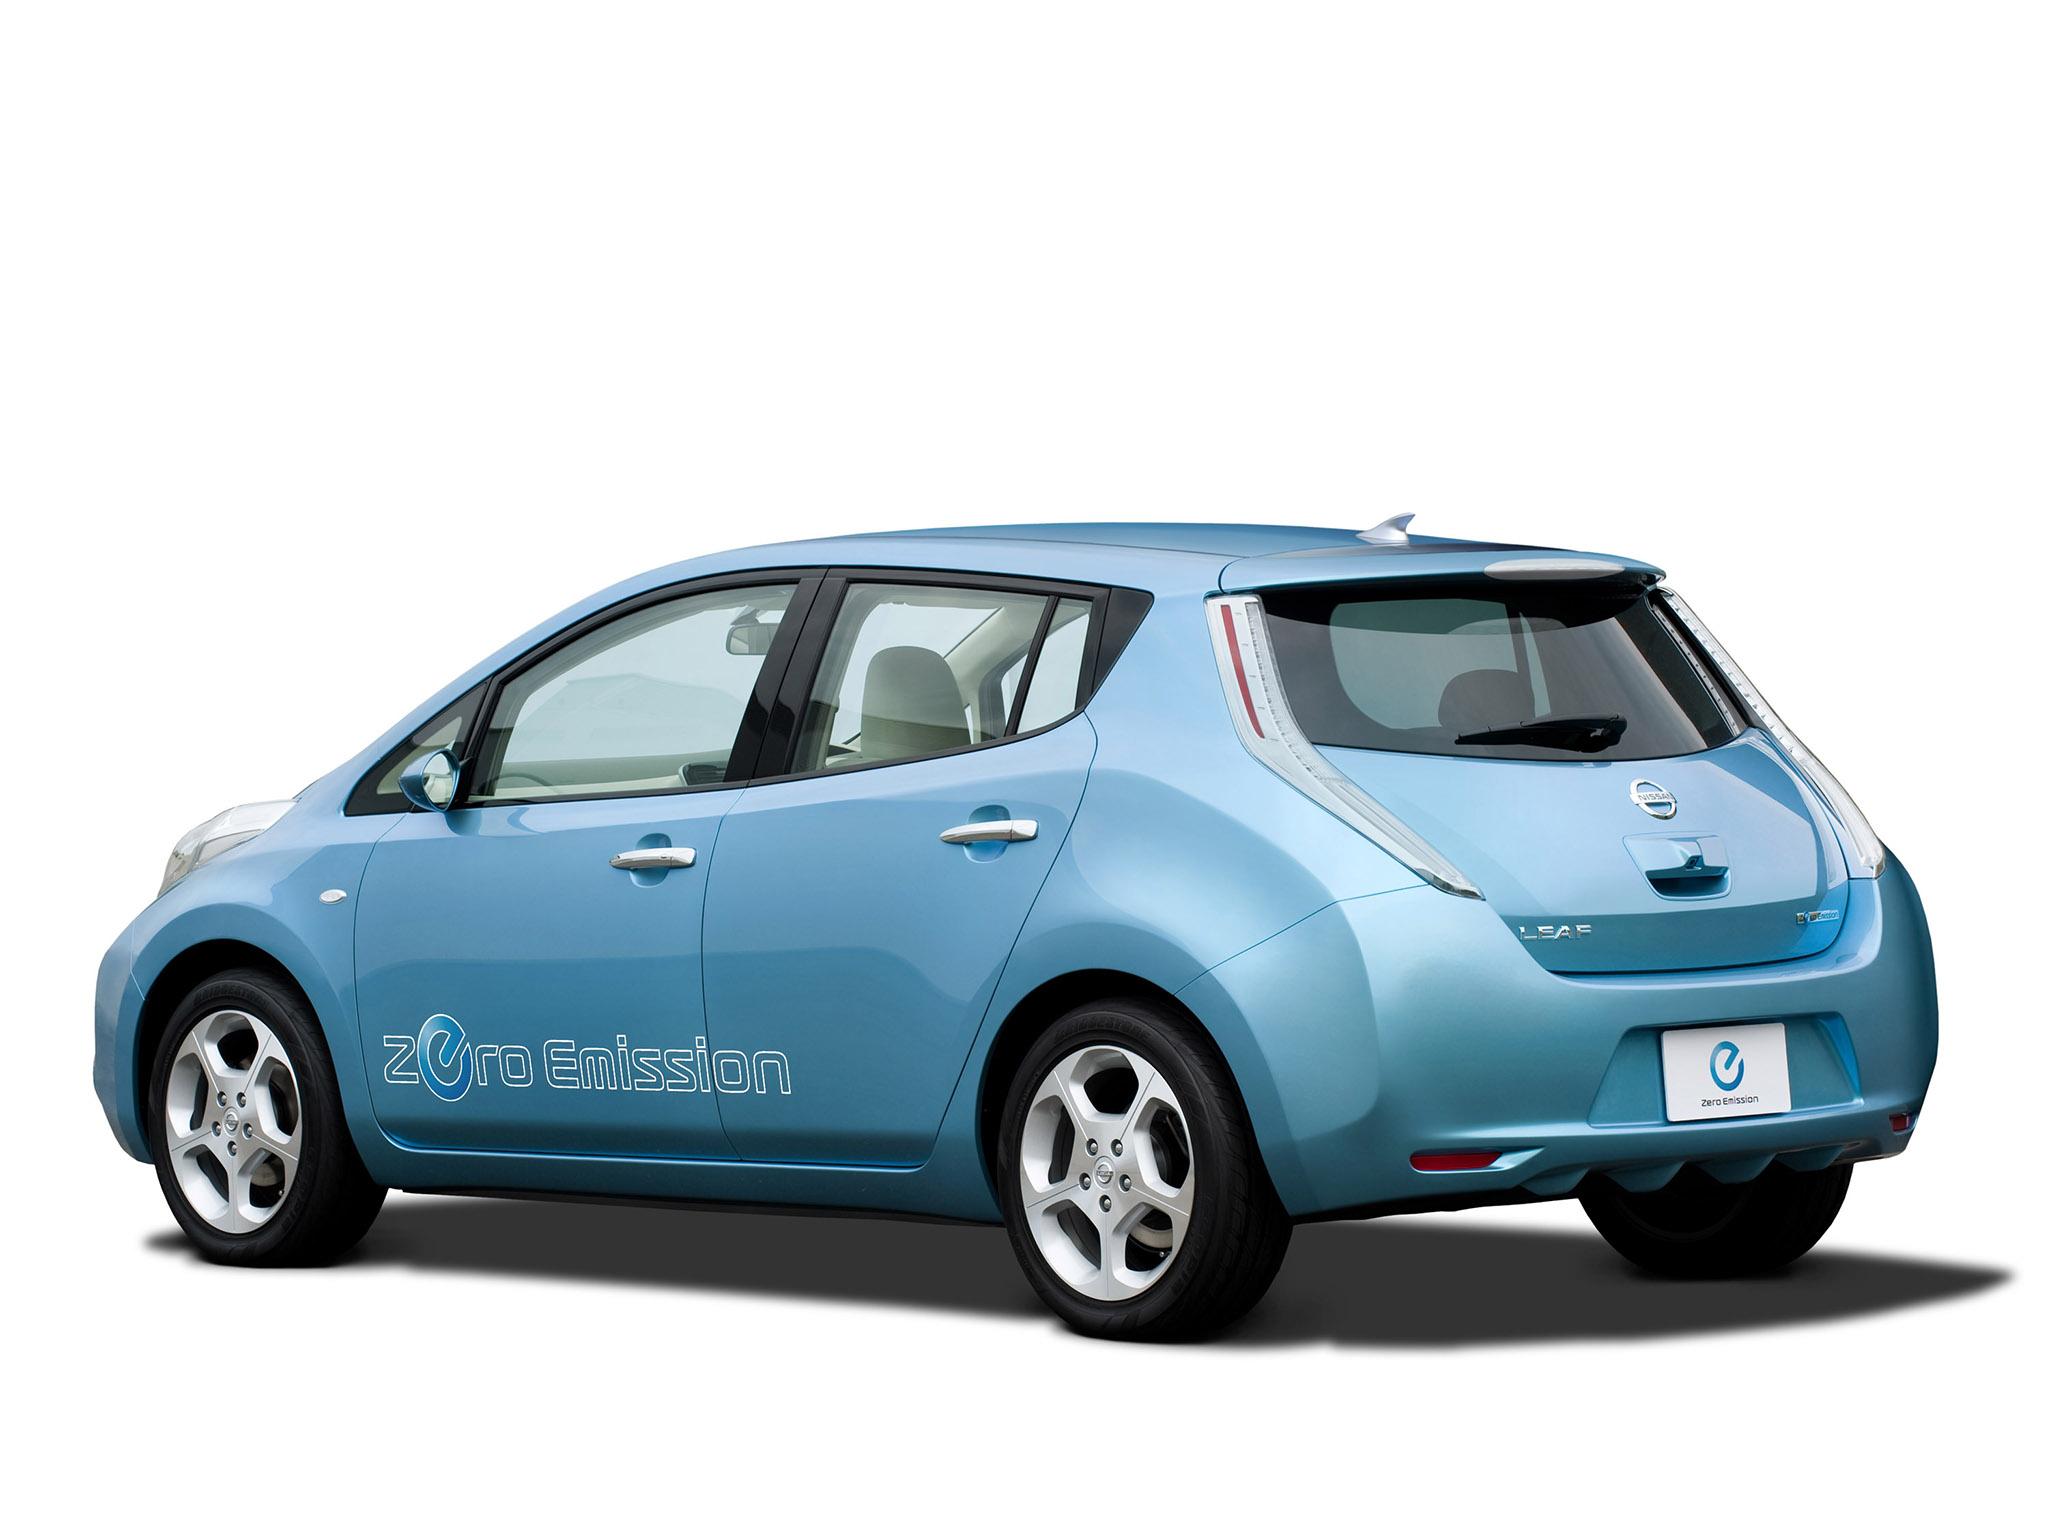 Тюнинг автомобилей: пороги, защита бампера, купить в ...